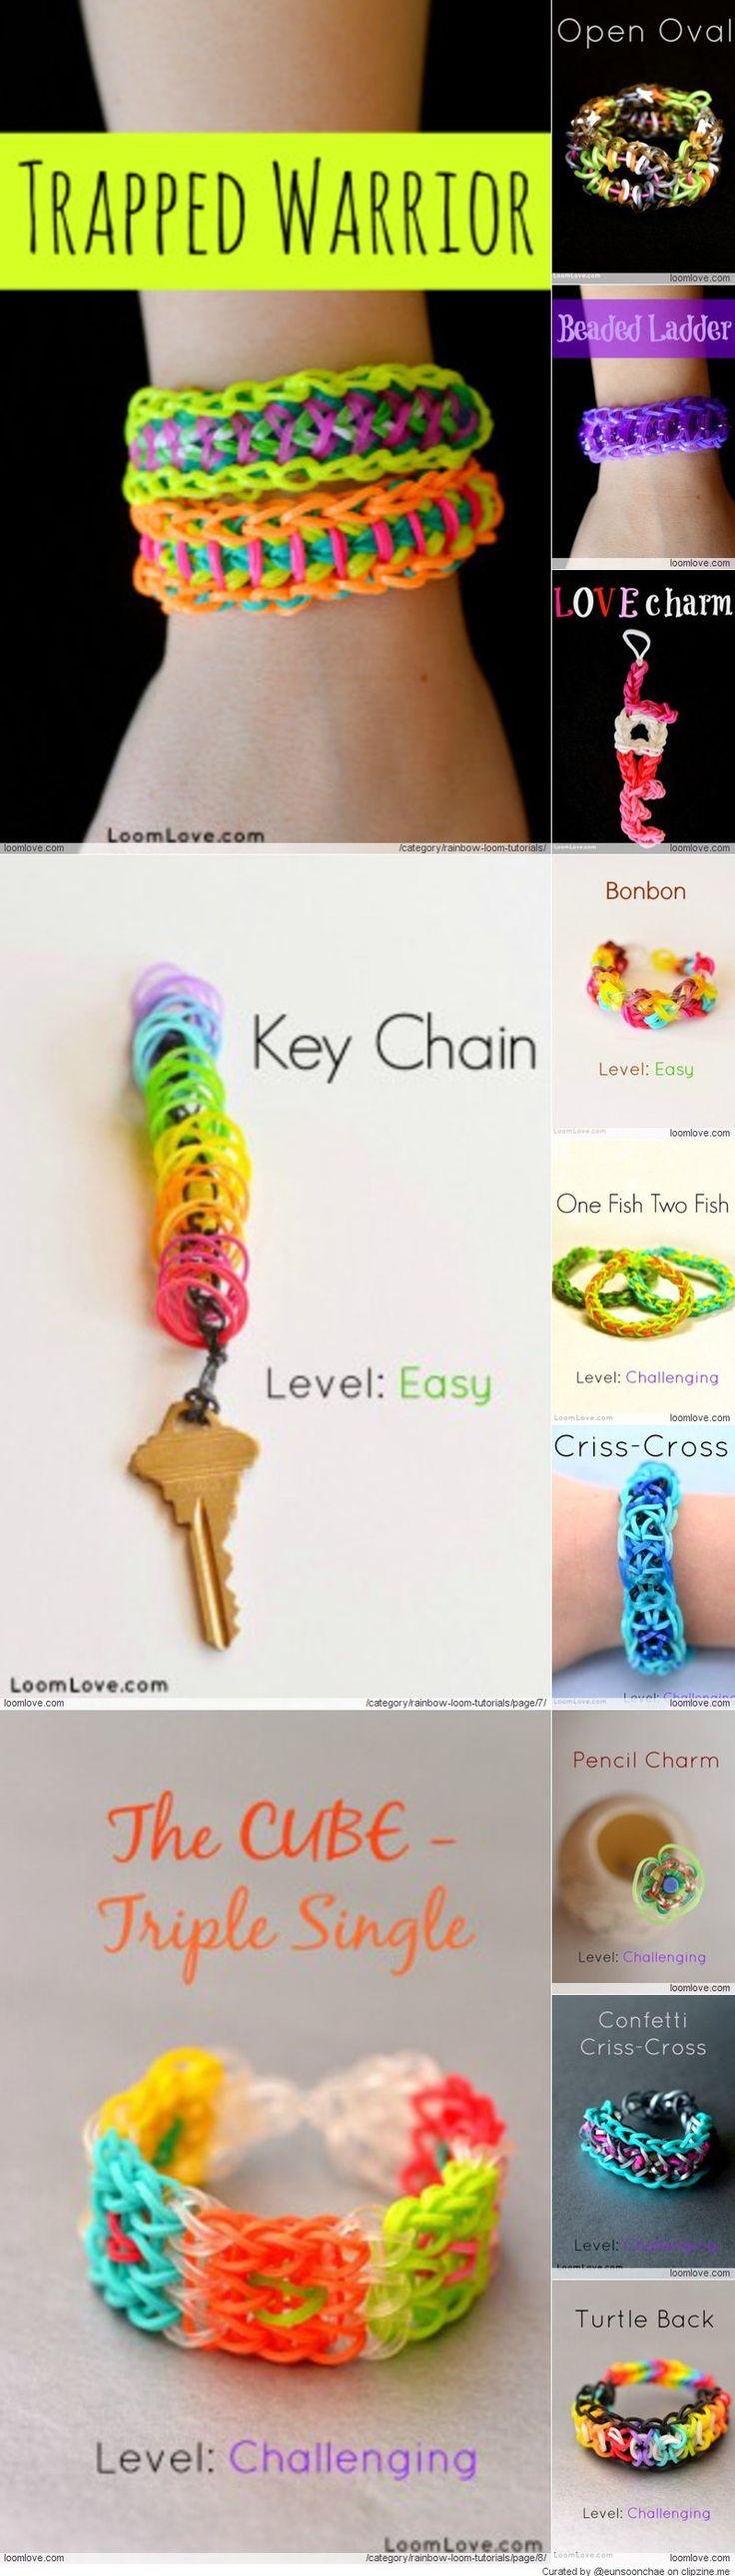 Rainbow Loom Tutorials : Loomlove